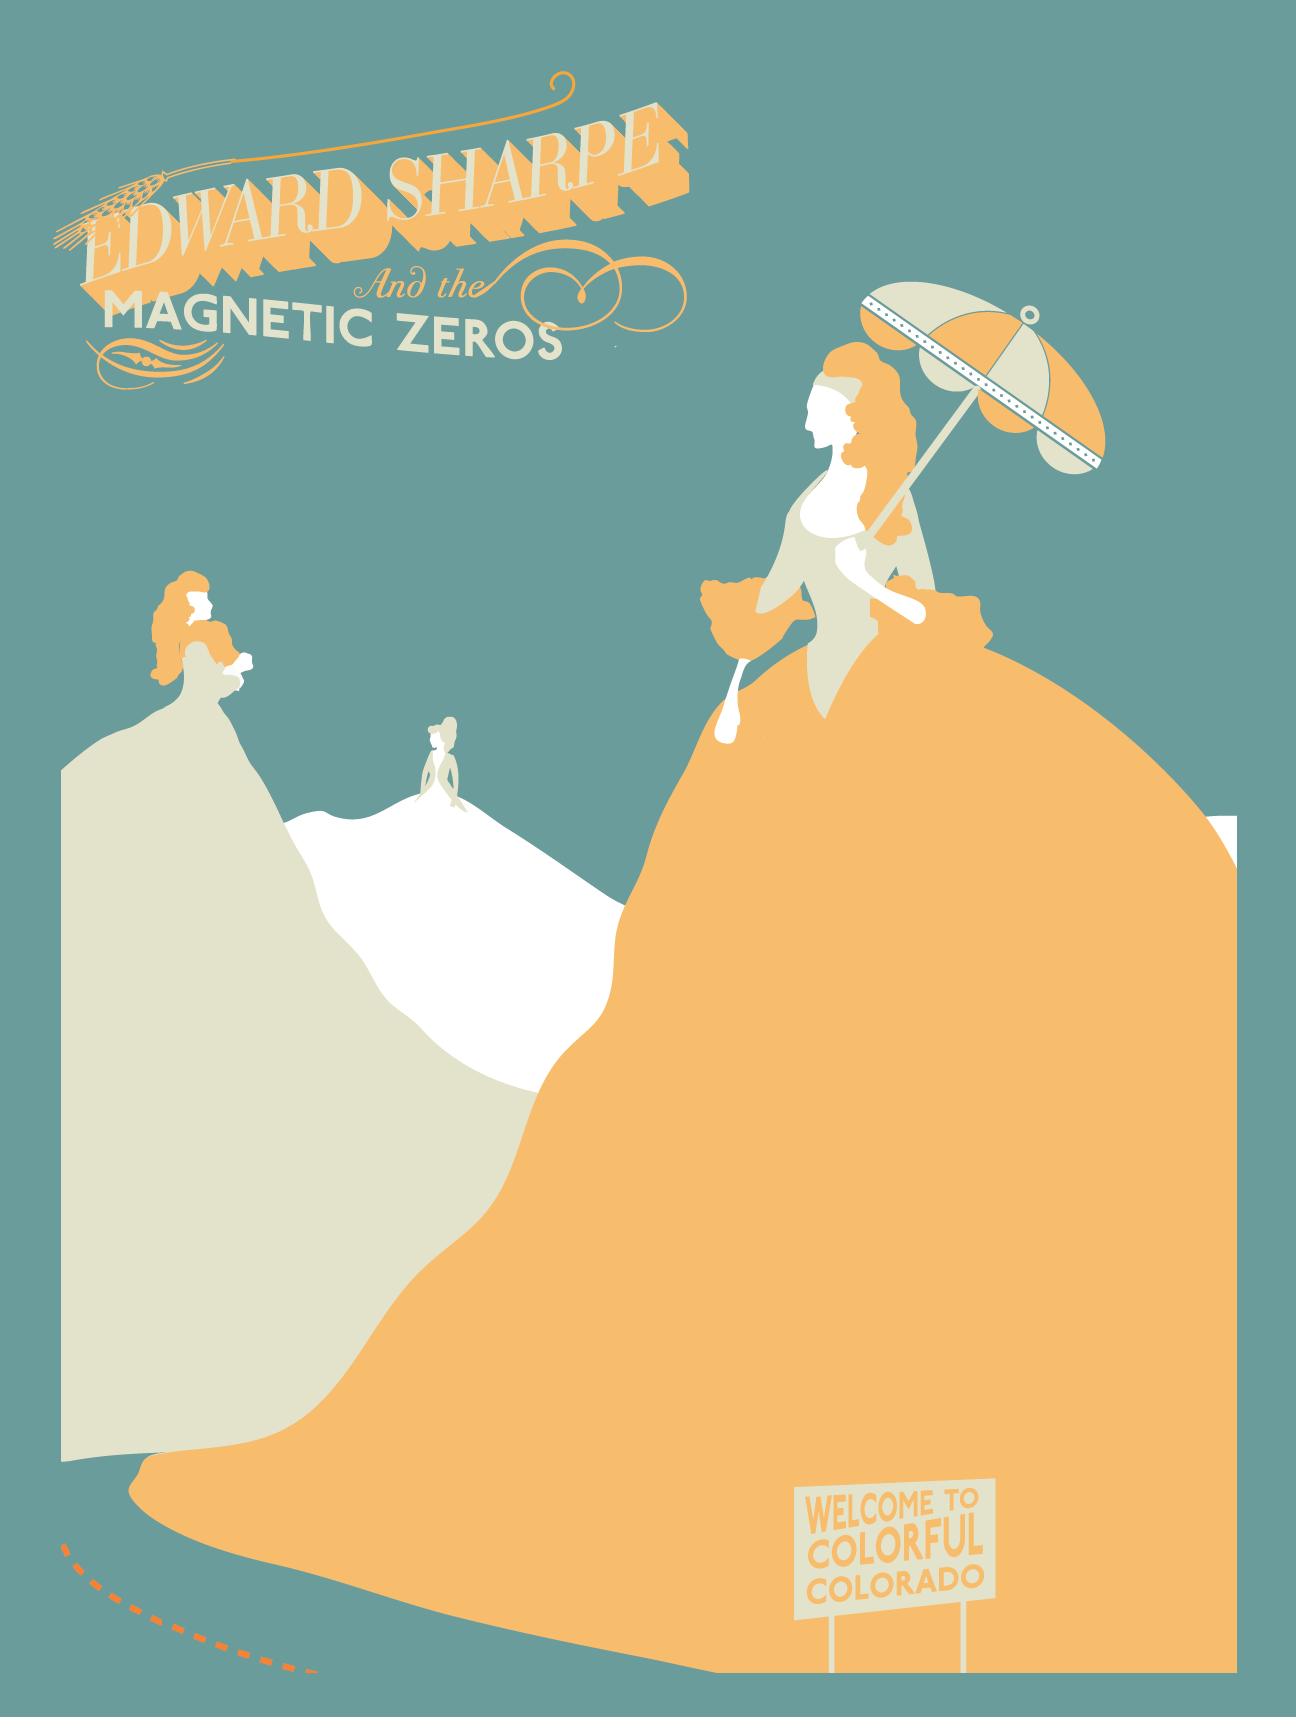 Edward Sharpe & the Magnetic Zeros //FINISHED!// - image 10 - student project